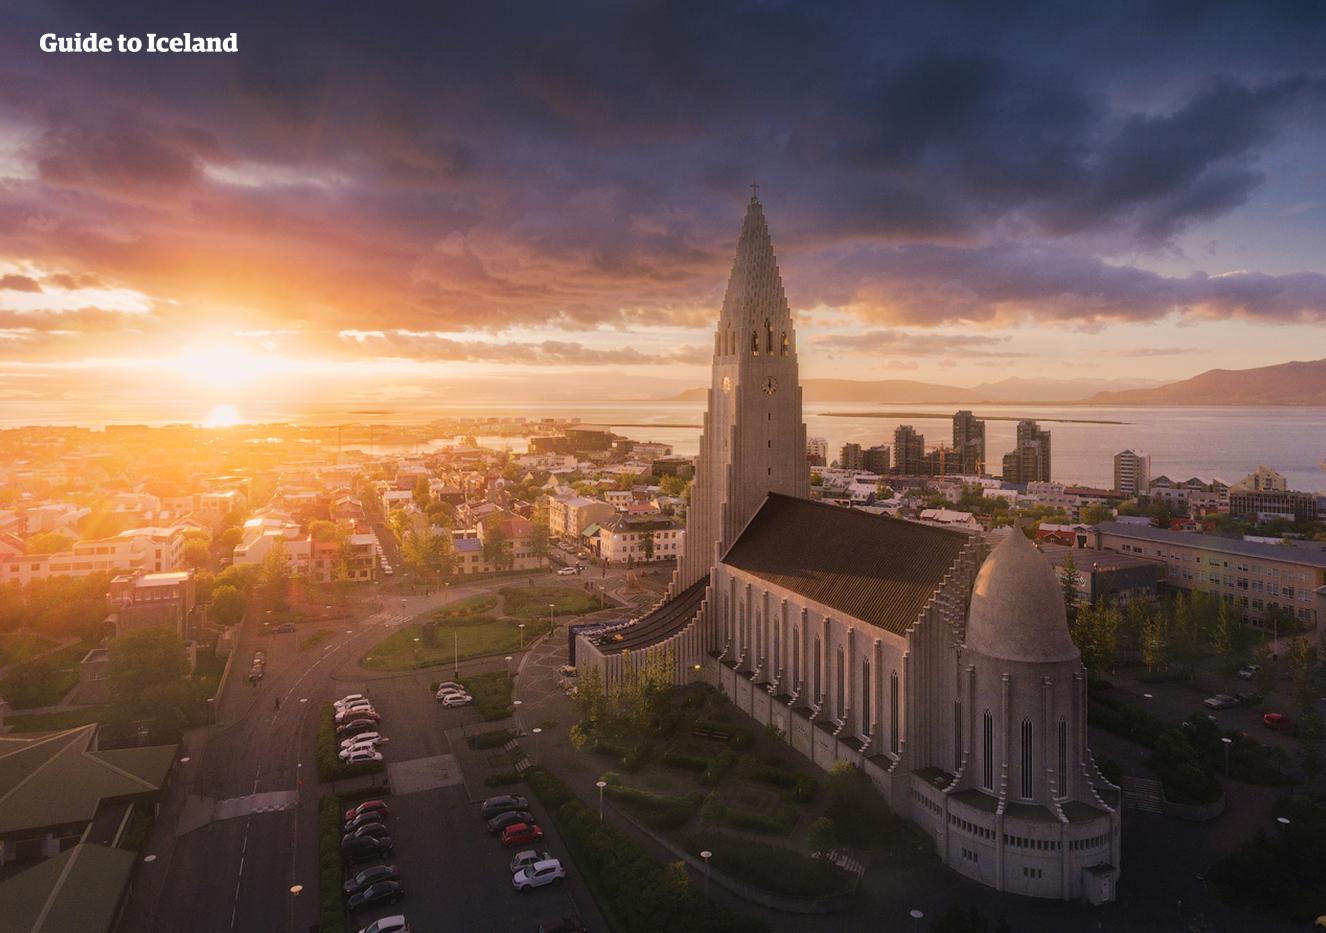 Verbringe auf einer Sommer-Mietwagenreise herrliche Sommertage in Reykjavik.